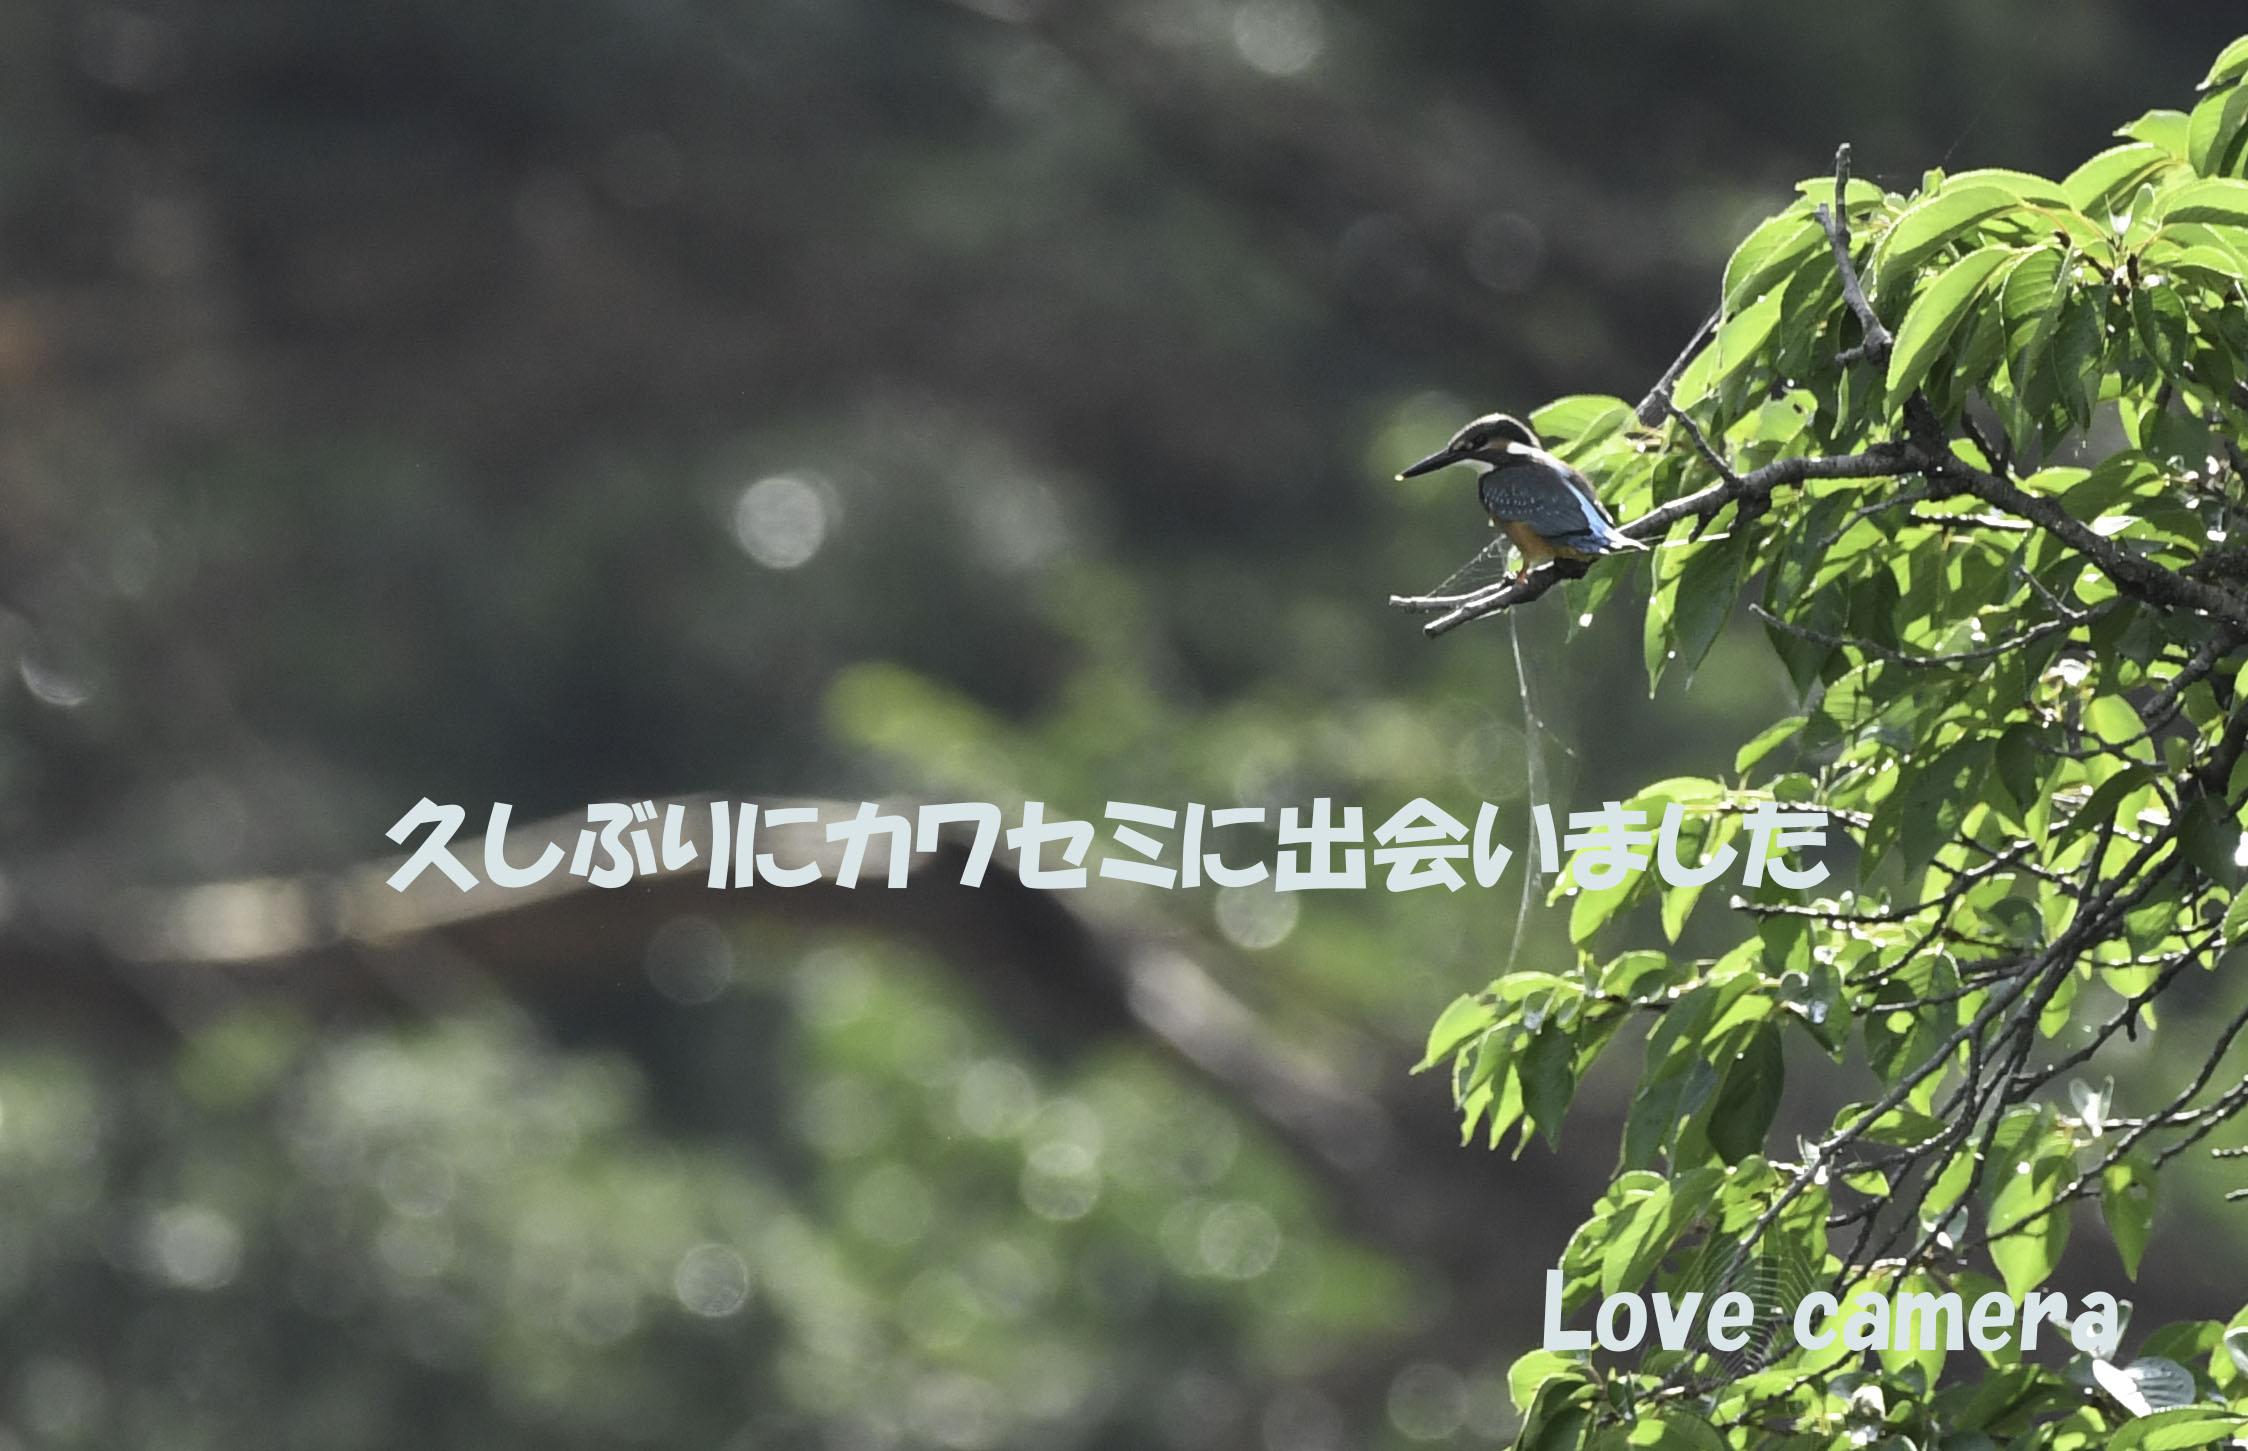 信州松本で久しぶりにカワセミを撮影しました 撮影時の詳細等について